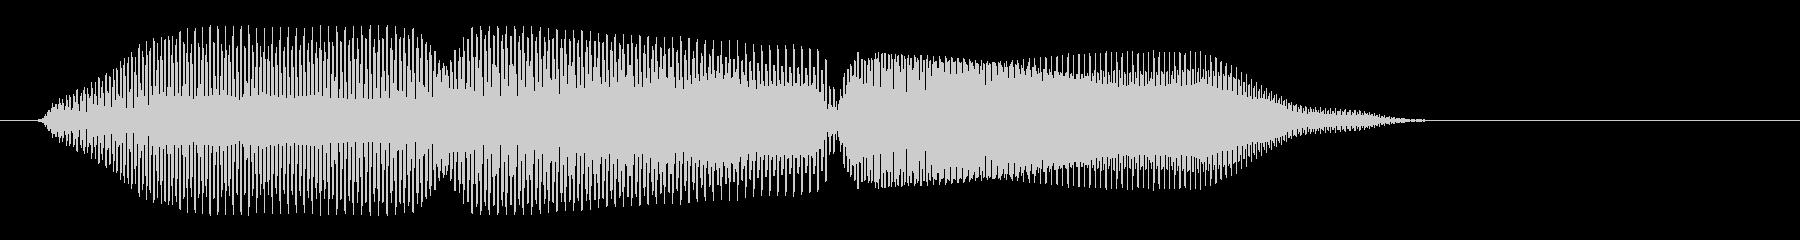 クリアで可愛らしい効果音の未再生の波形